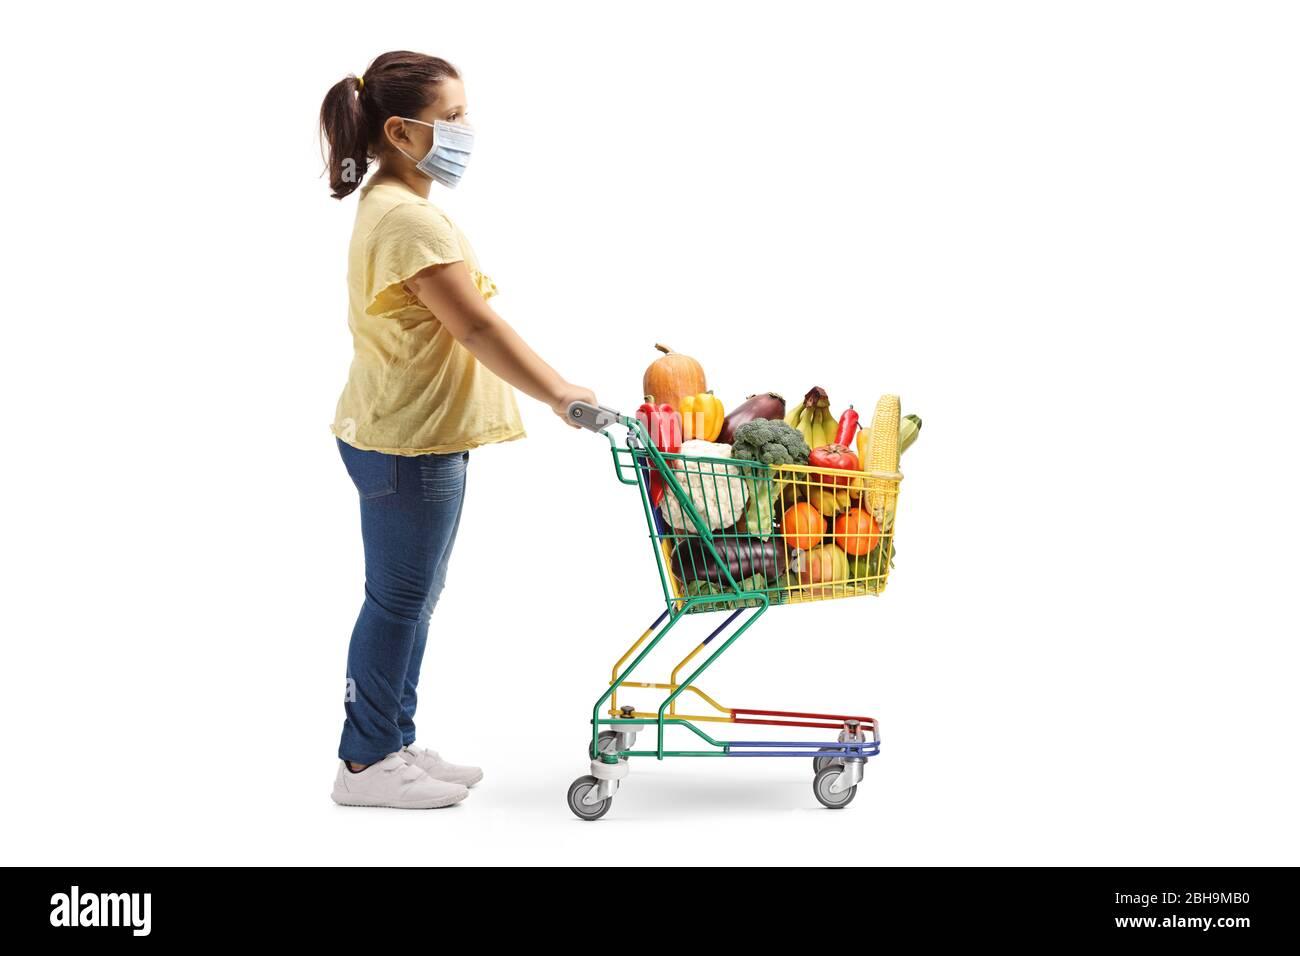 Profil complet photo d'une fille debout avec un panier et portant un masque médical isolé sur fond blanc Banque D'Images